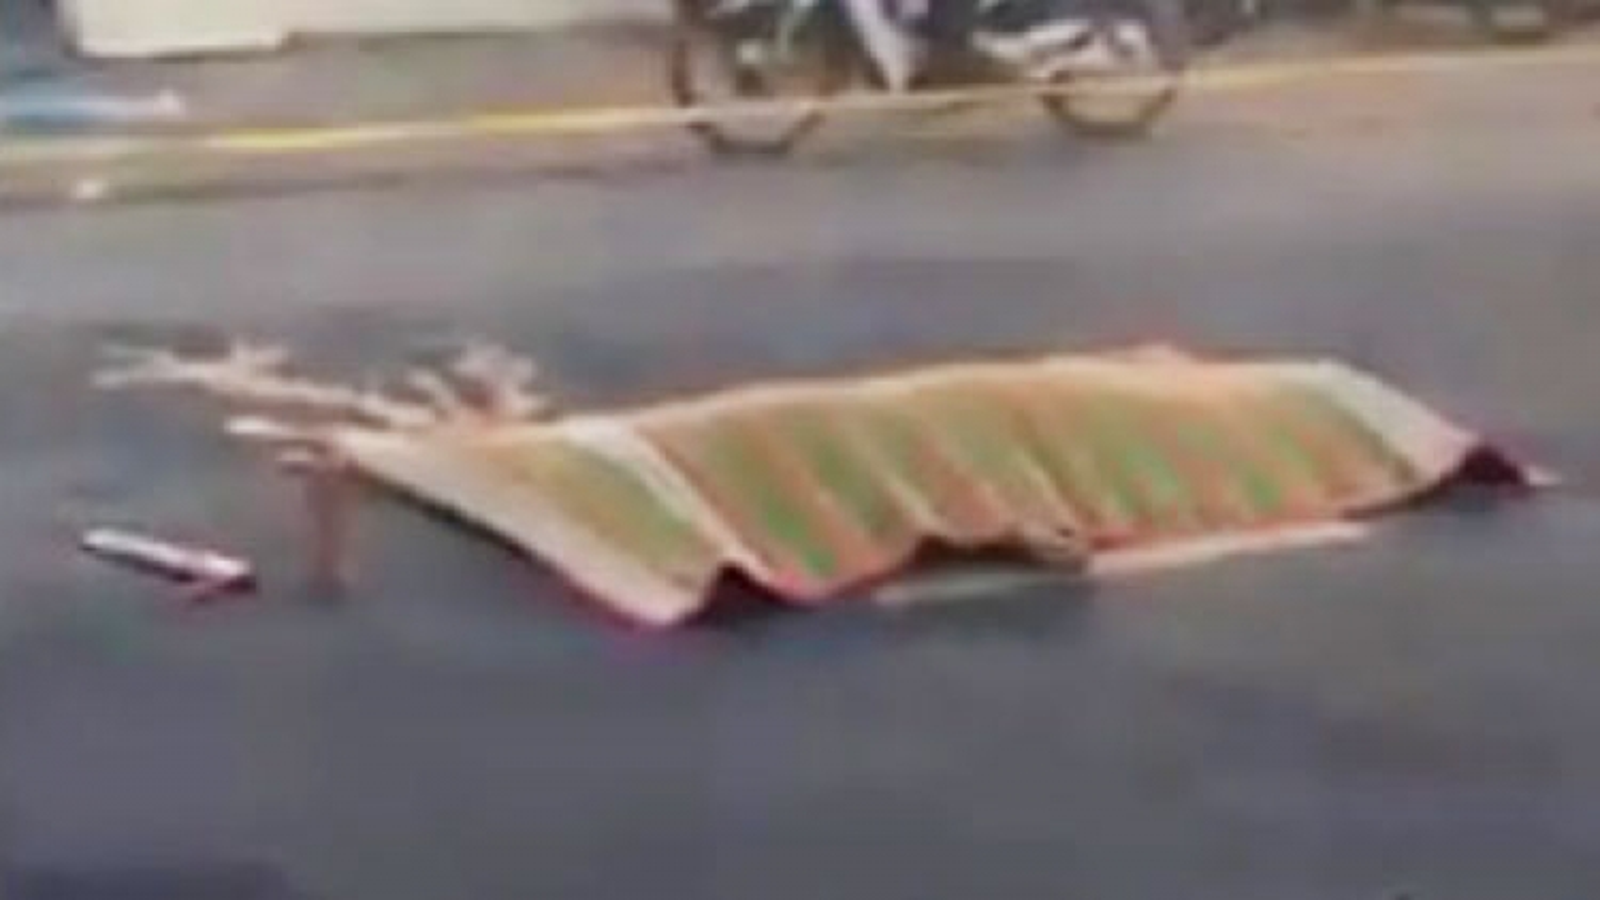 Thanh niên tử vong nằm giữa đường với nhiều vết thương